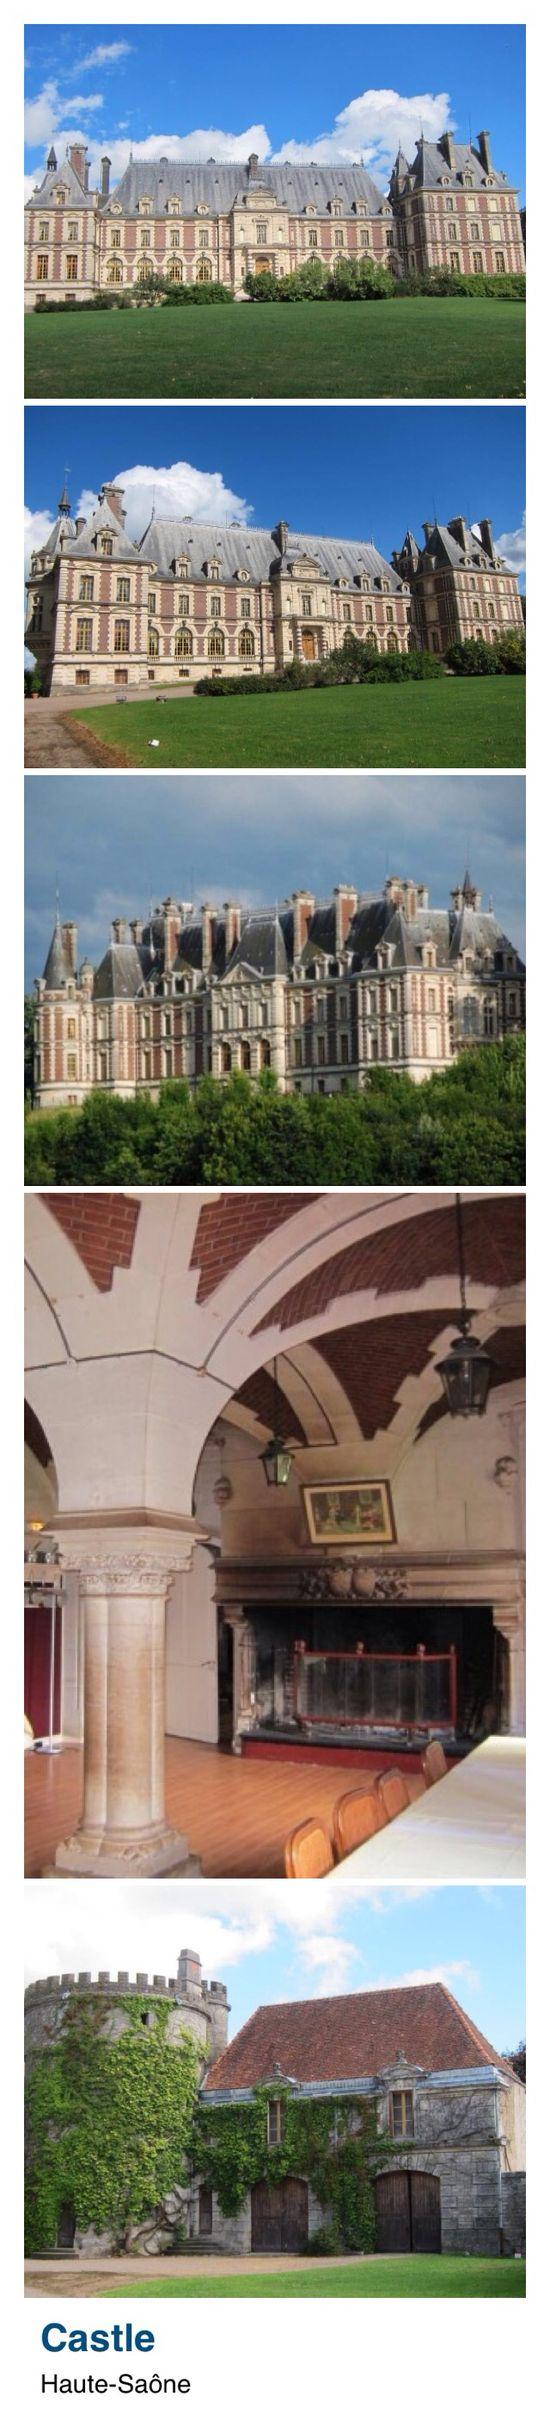 Luxury Castles